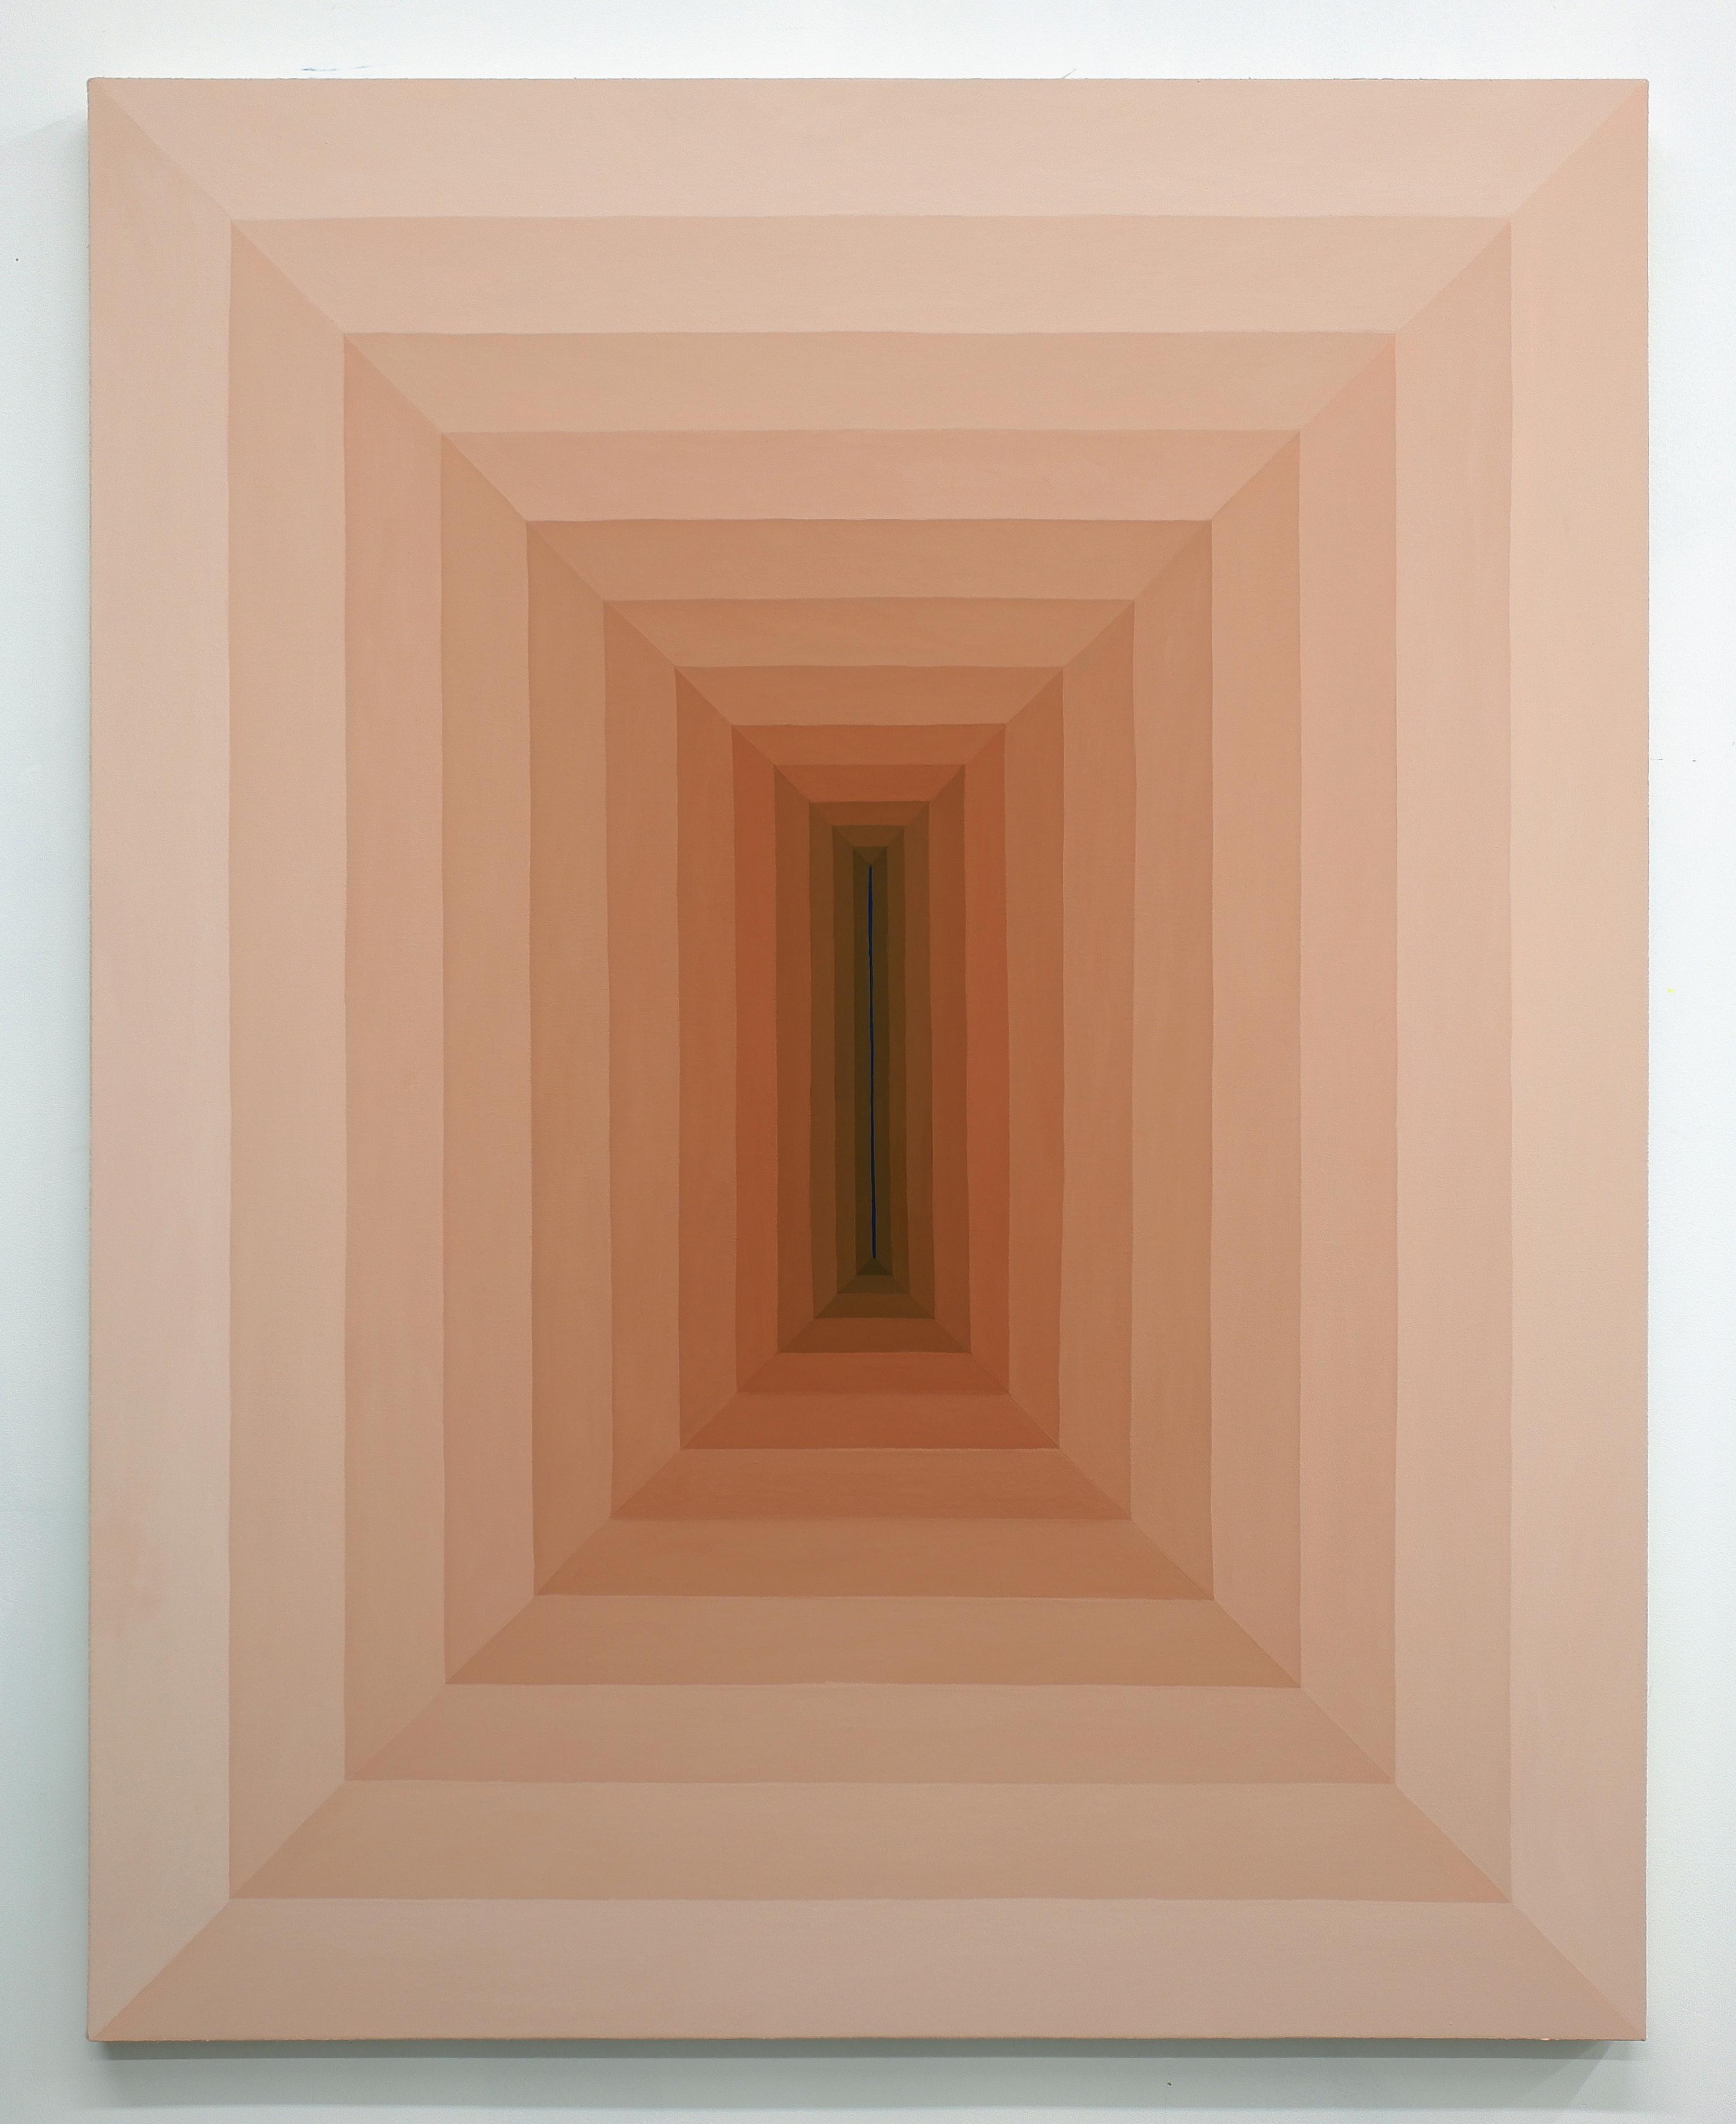 Corydon Cowansage, Hole 52, 2018, acrylic on canvas, 50 x 40 inches